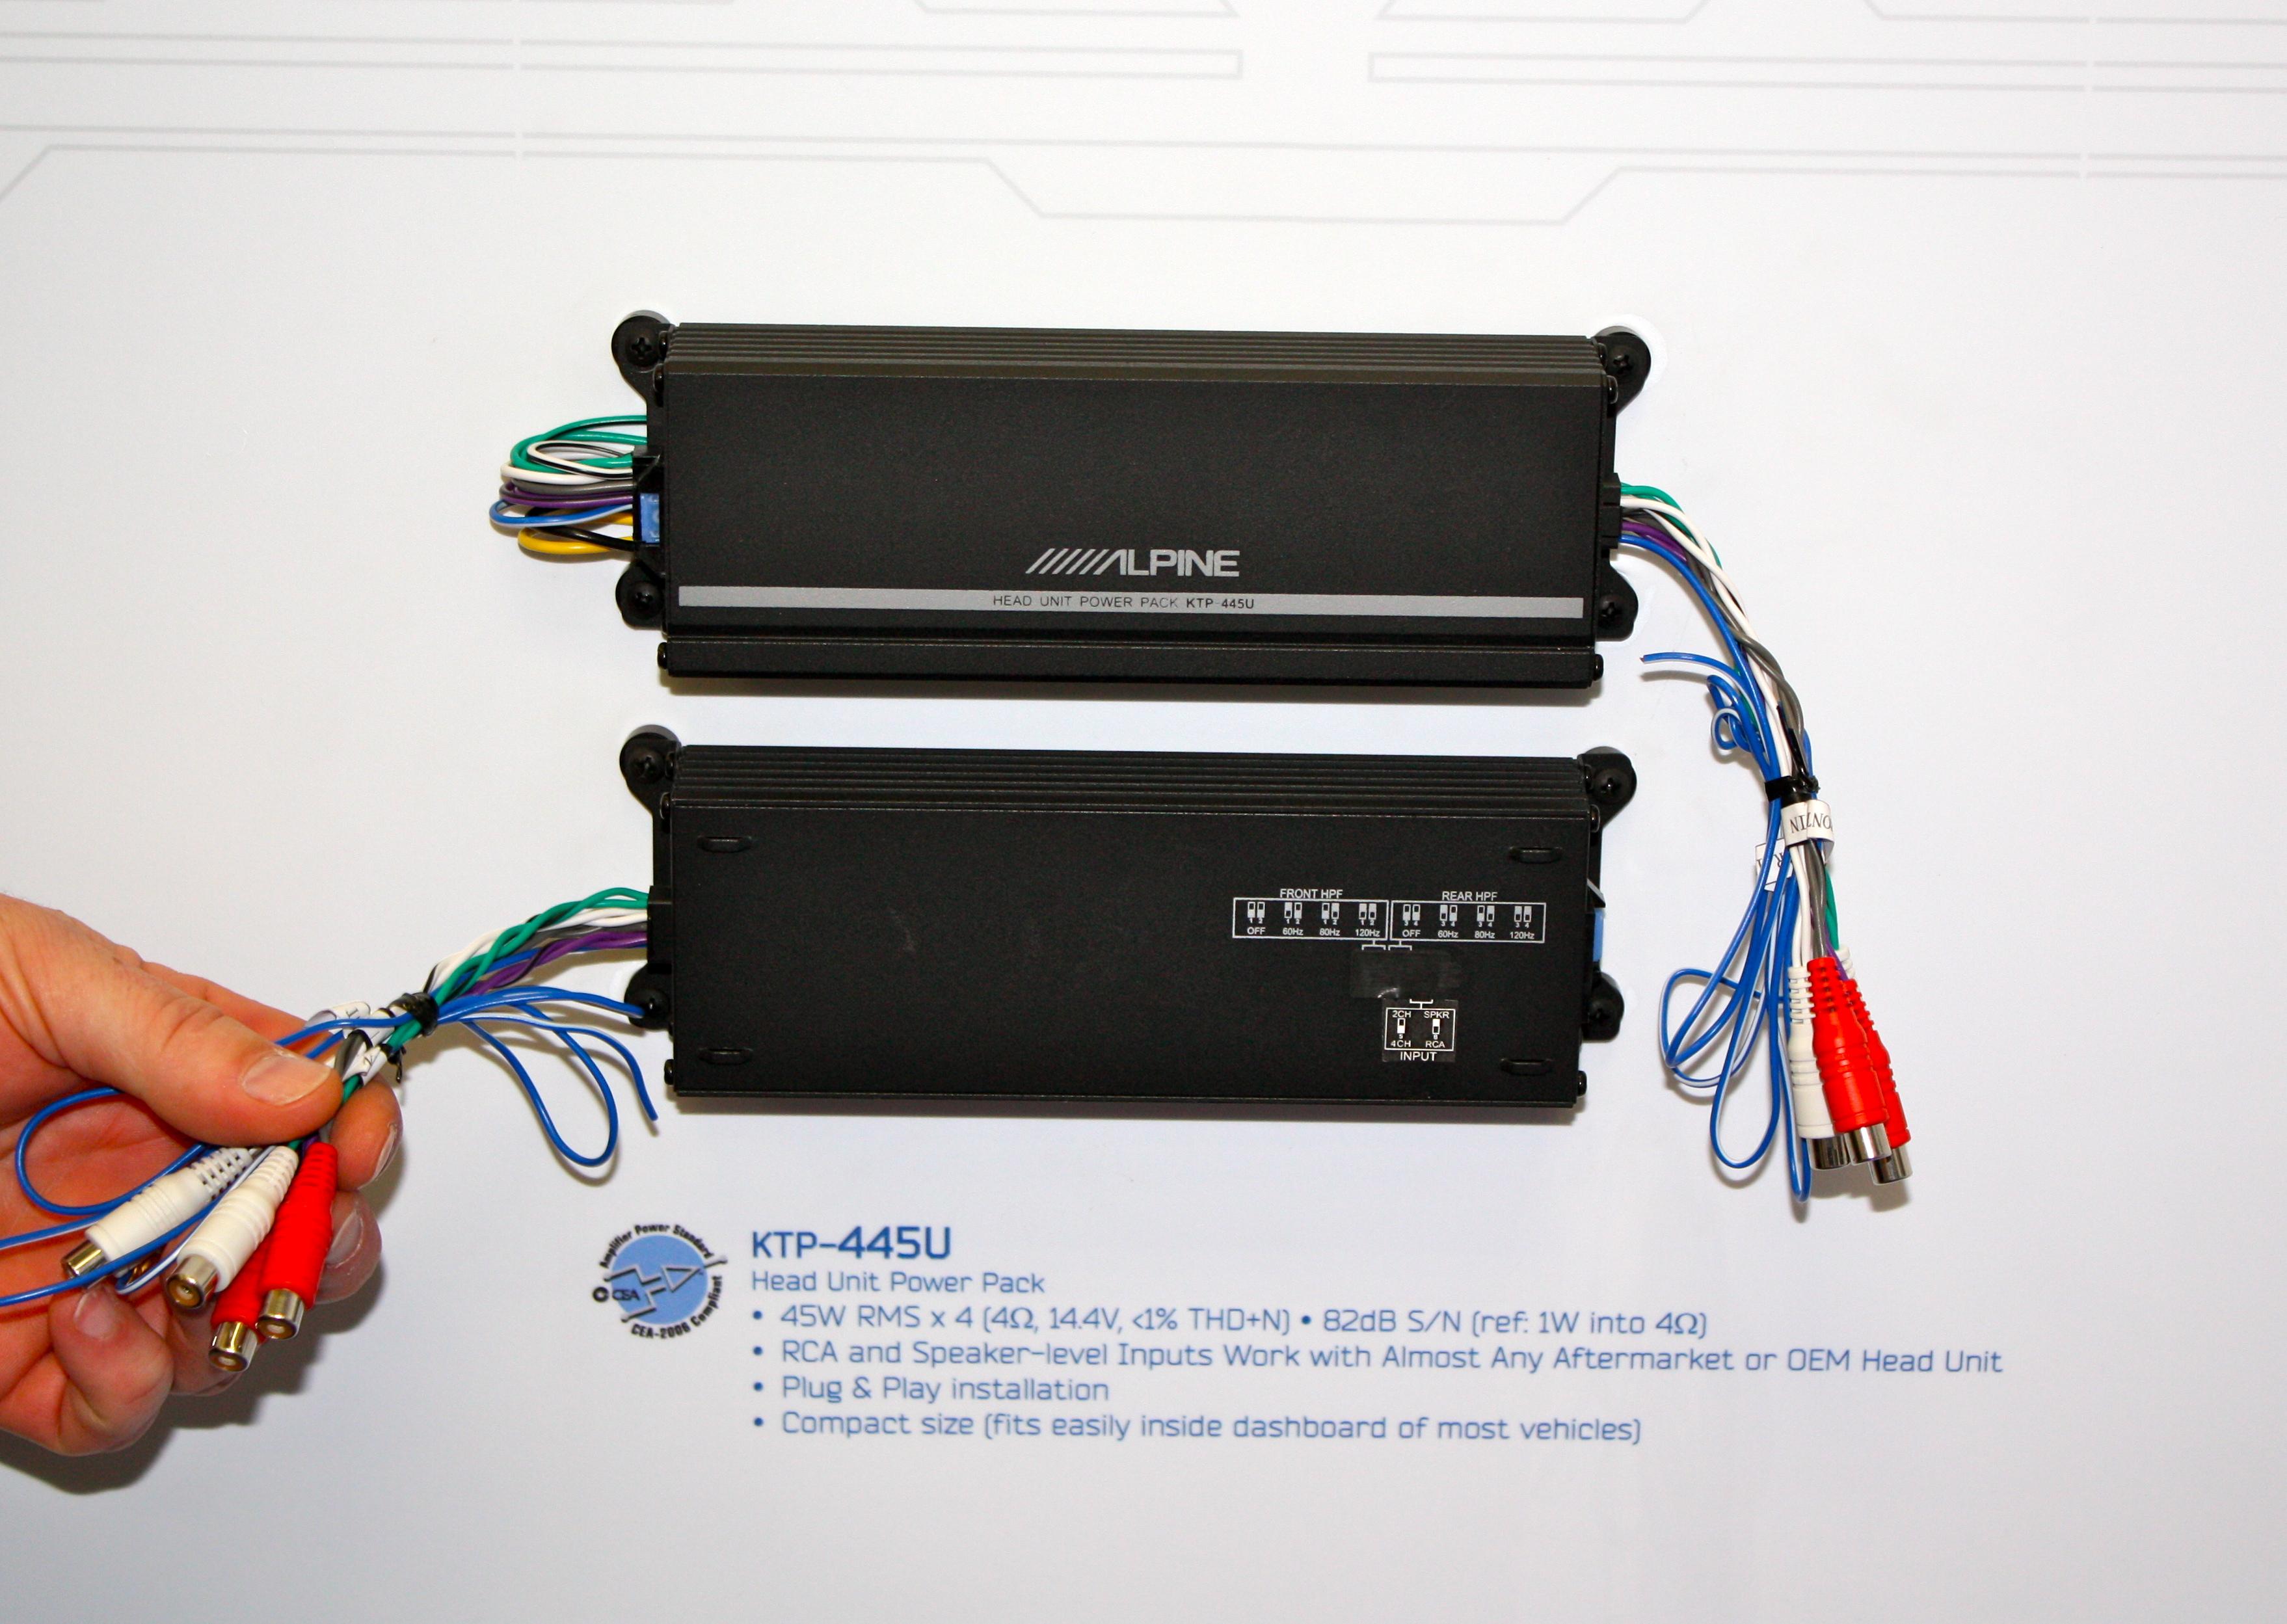 alpine ktp 445u power pack wiring diagram 1965 mustang head unit 51